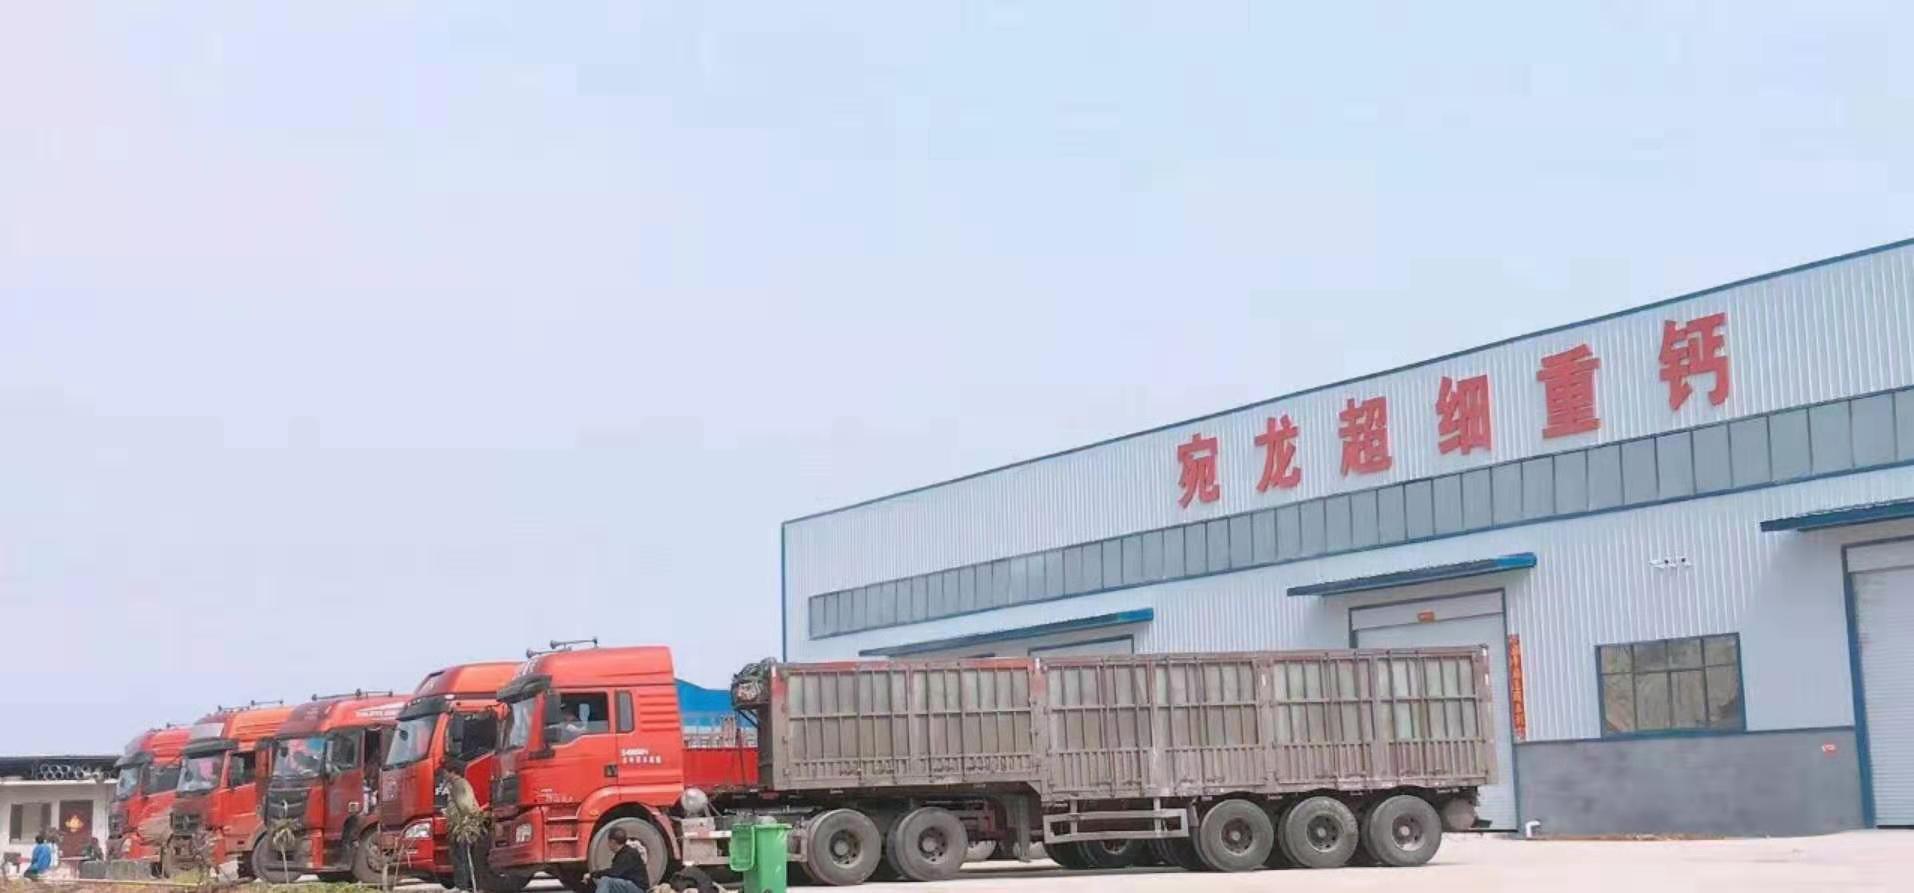 宛龙钙粉厂区展示